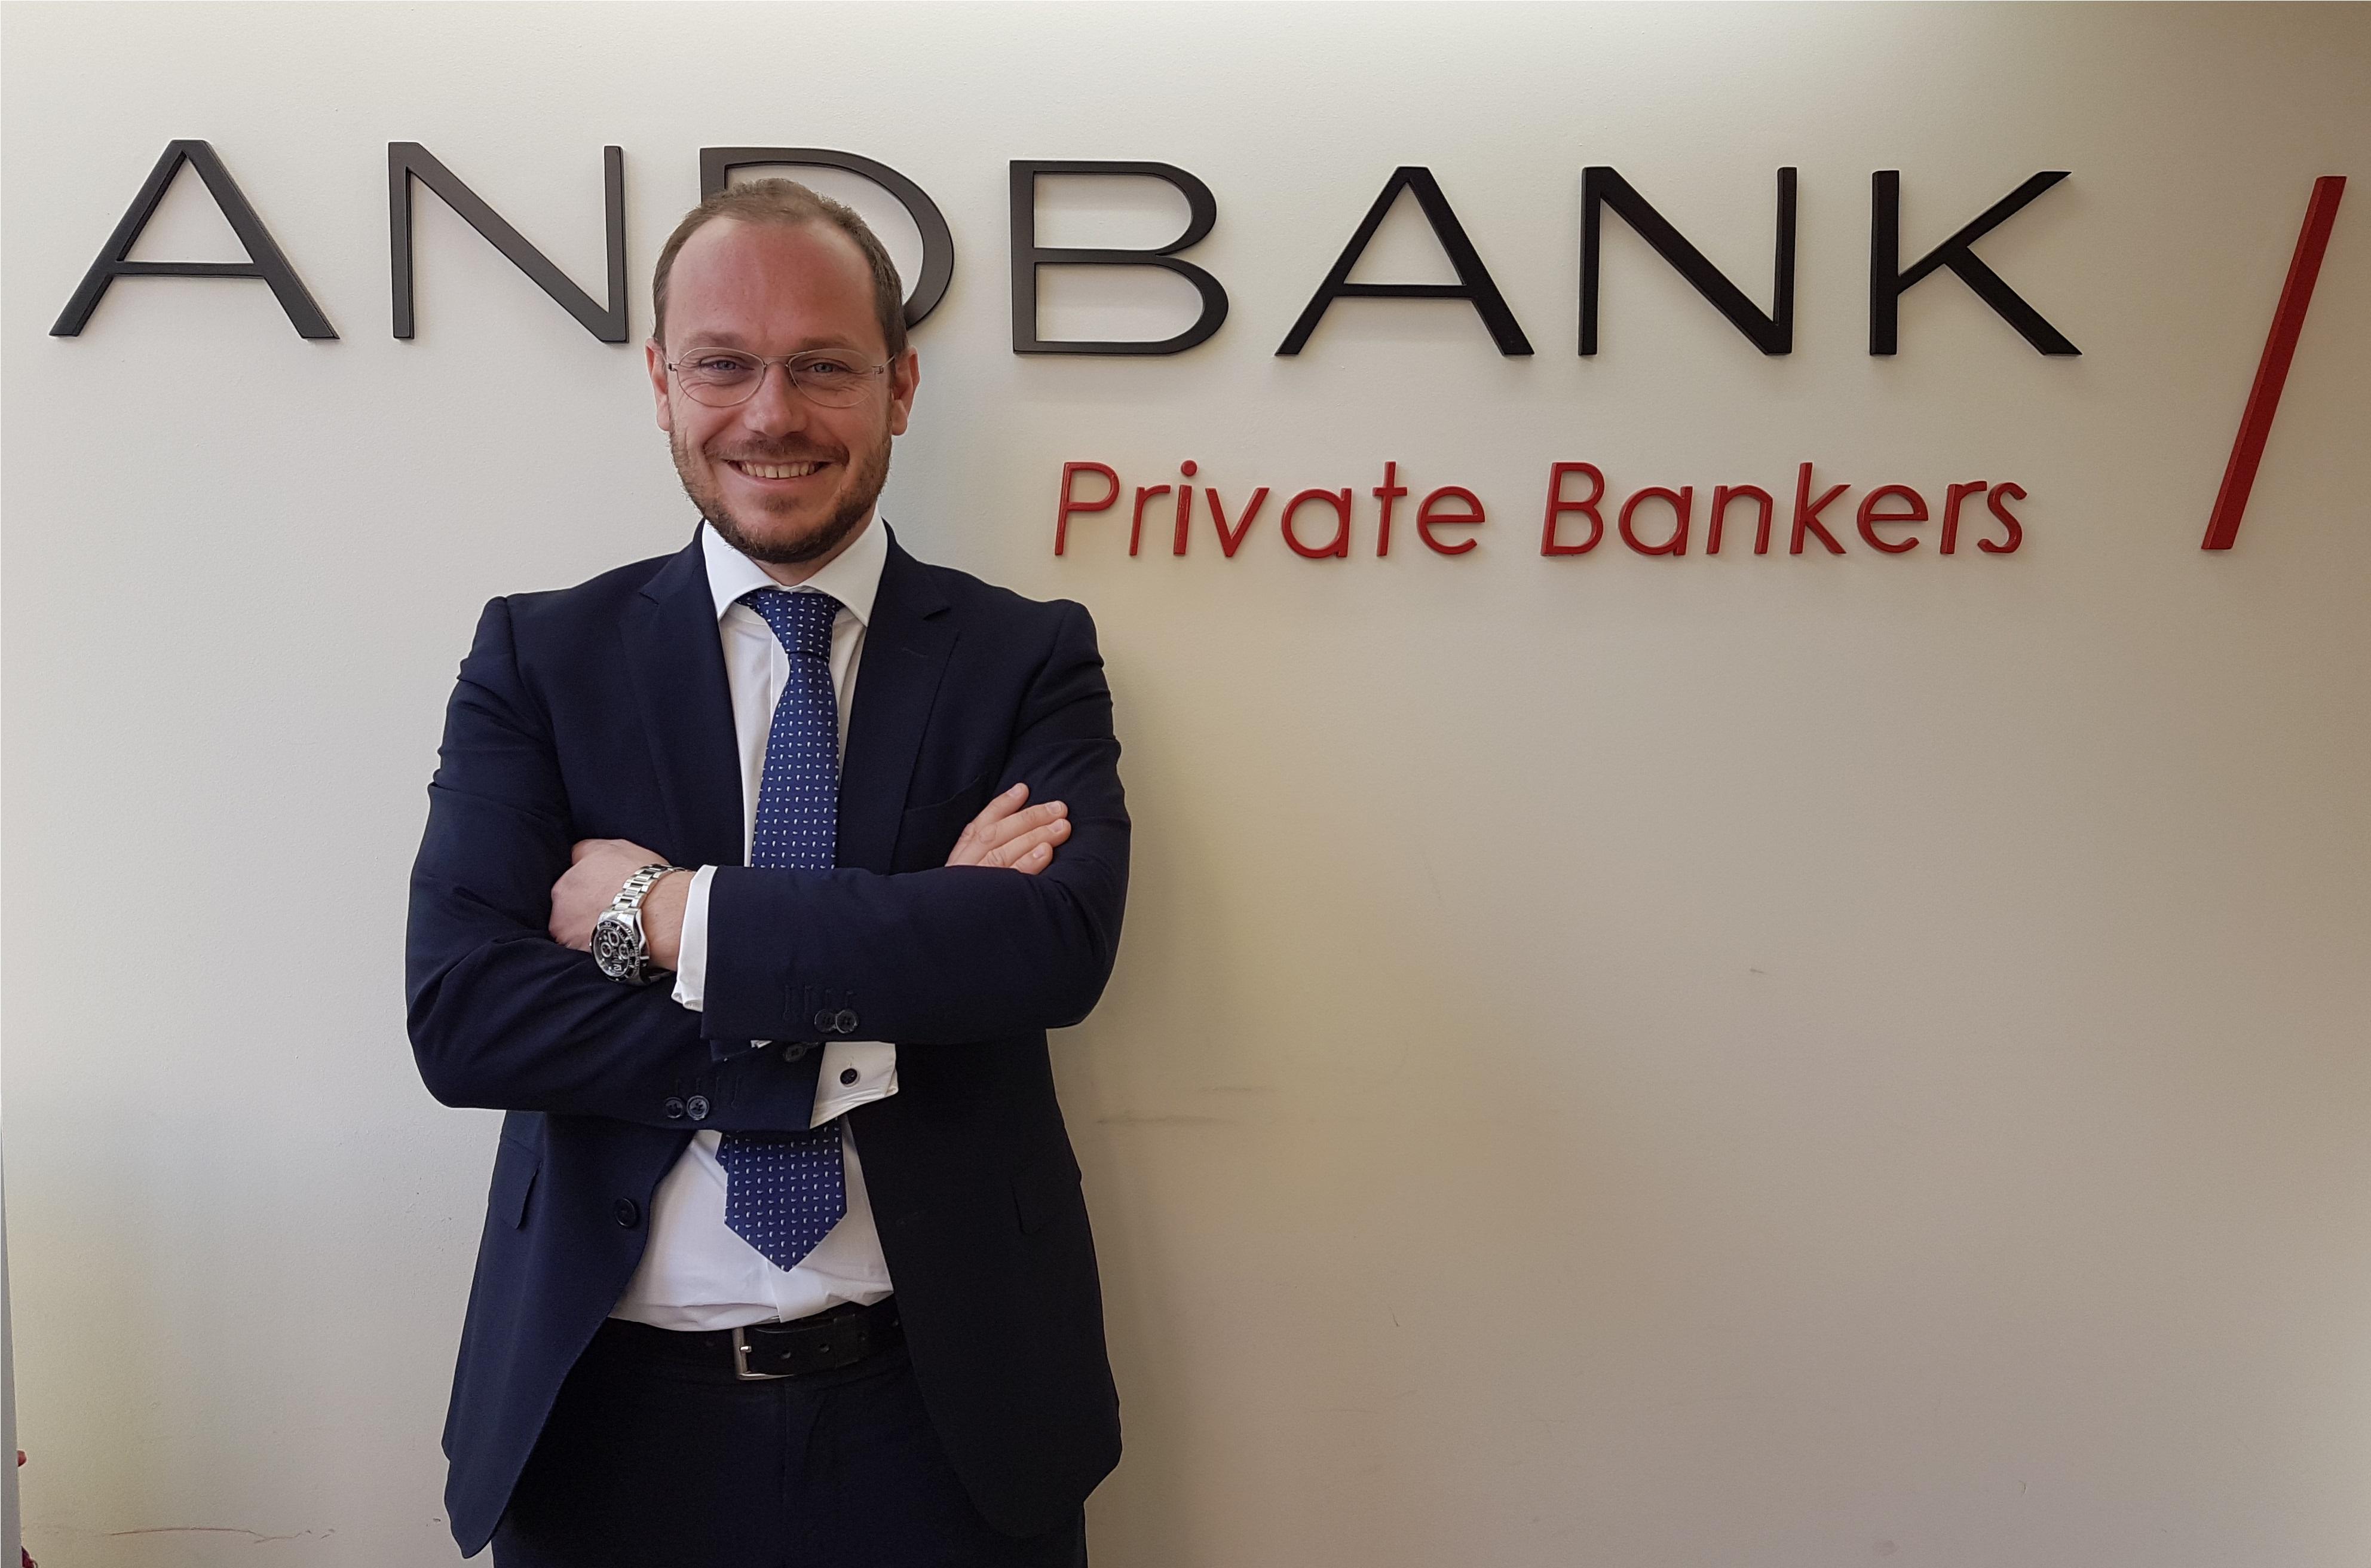 Andbank España refuerza su equipo en Cataluña con la incorporación de Roger Cornet como banquero privado